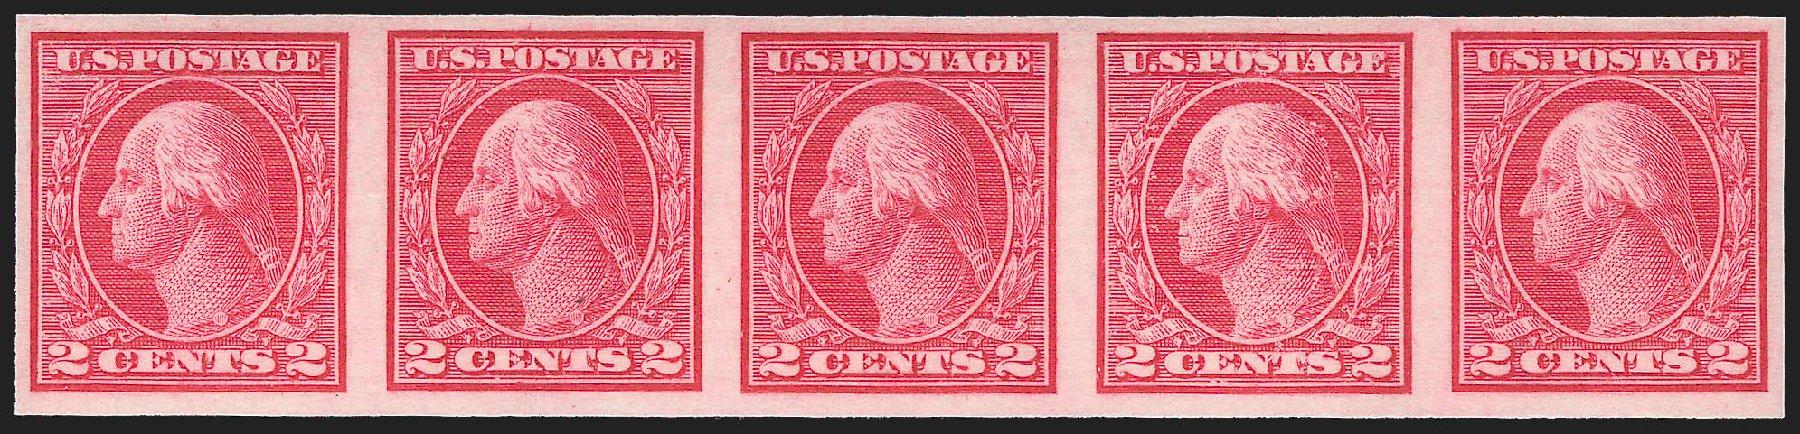 US Stamps Value Scott Catalogue 459 - 2c 1914 Washington Coil Imperf. Robert Siegel Auction Galleries, Jul 2015, Sale 1107, Lot 479